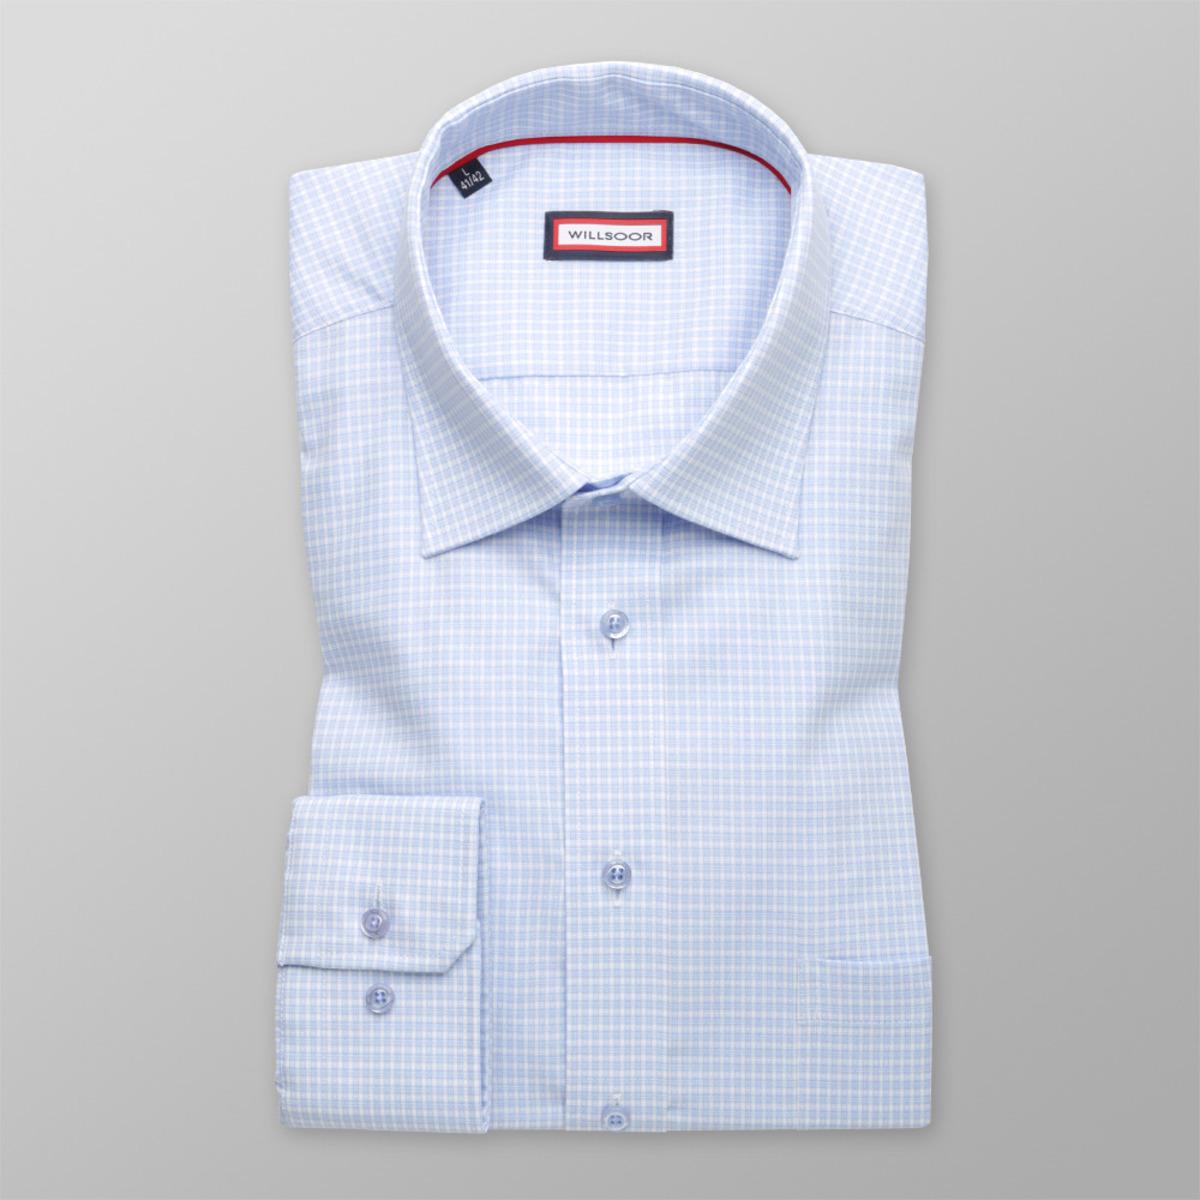 Pánská Slim Fit košile s jemným vzorem (výška 176-182) 9603 176- 5a019343f4